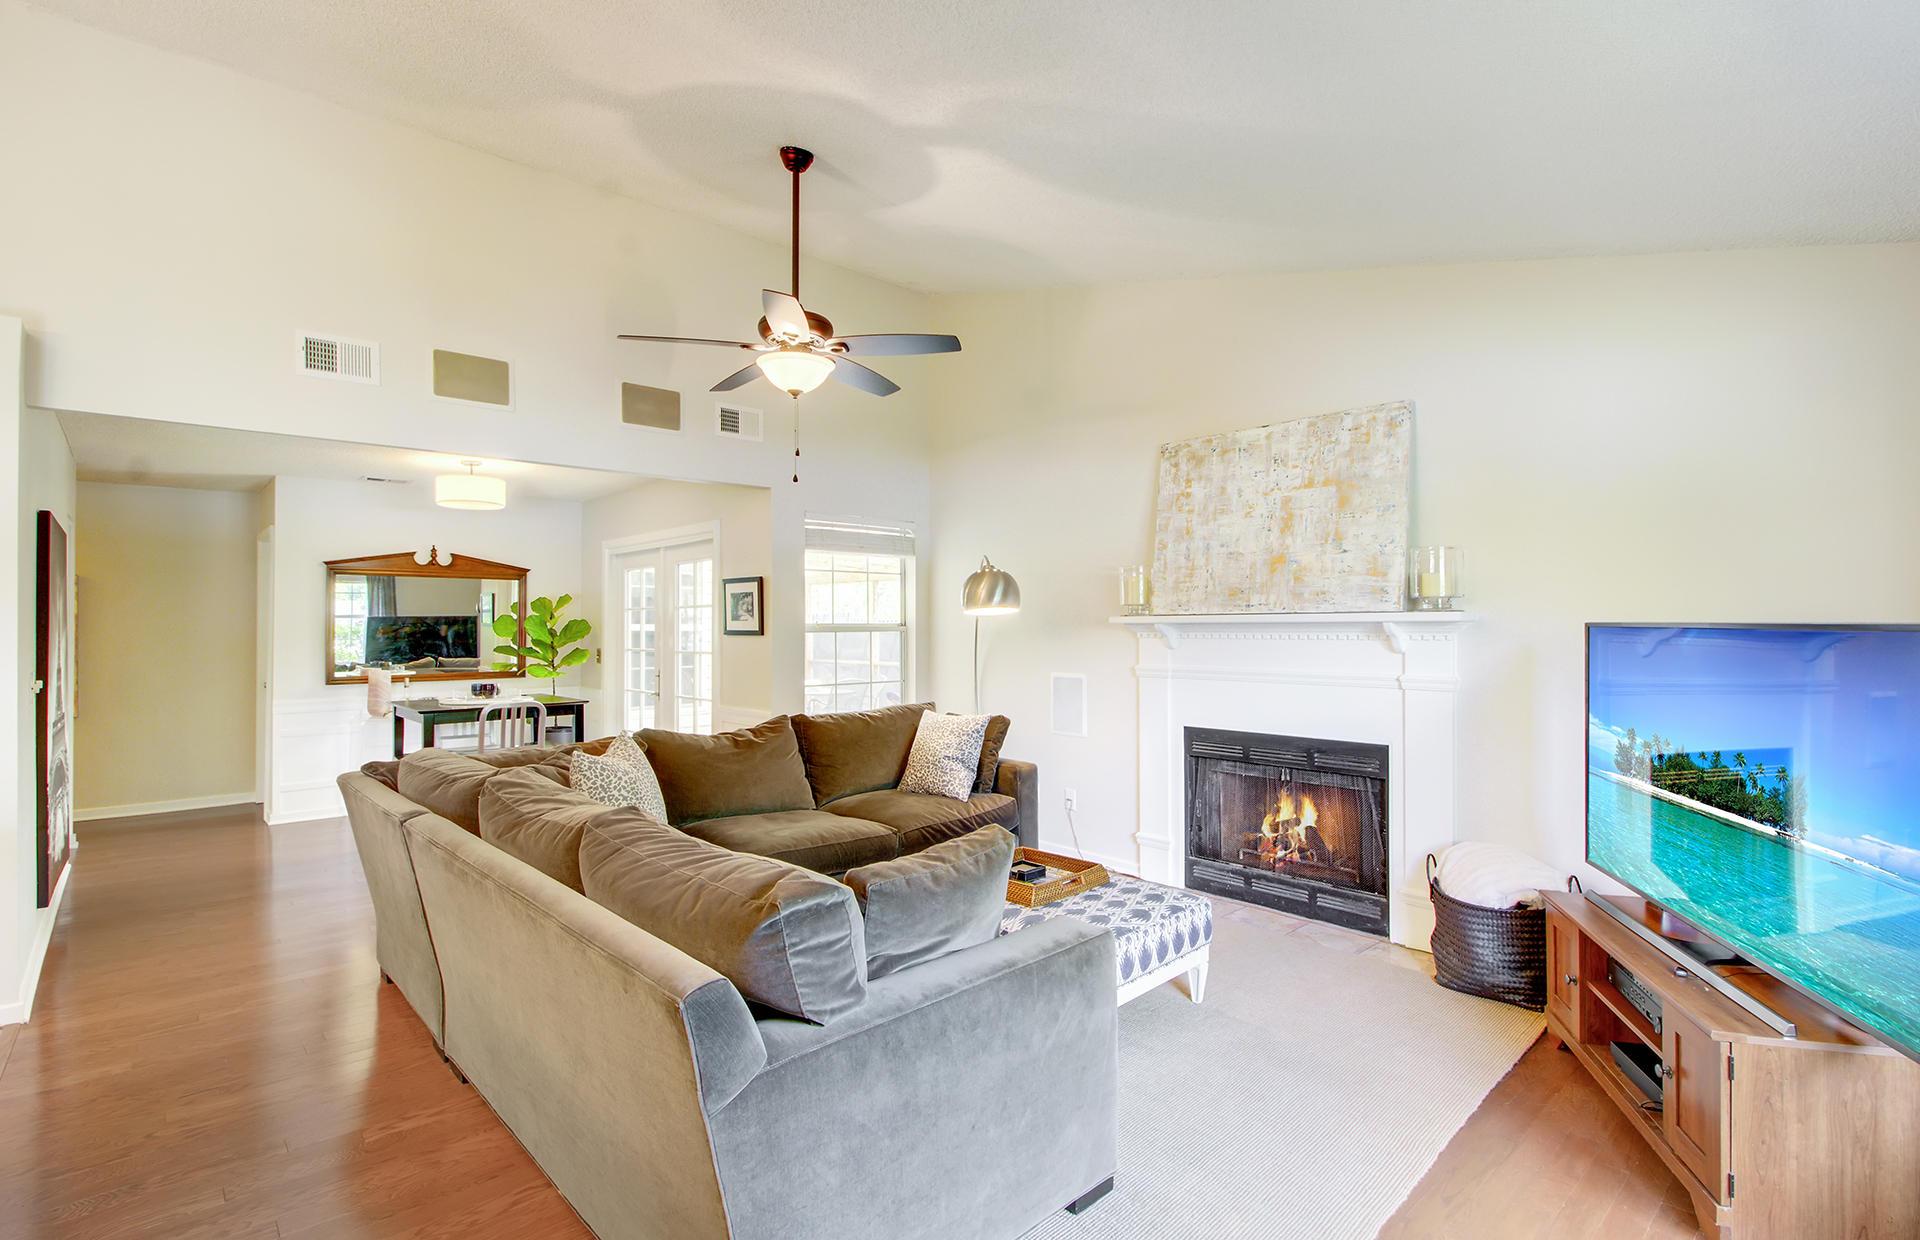 Willow Walk Homes For Sale - 1157 Oakcrest, Charleston, SC - 35